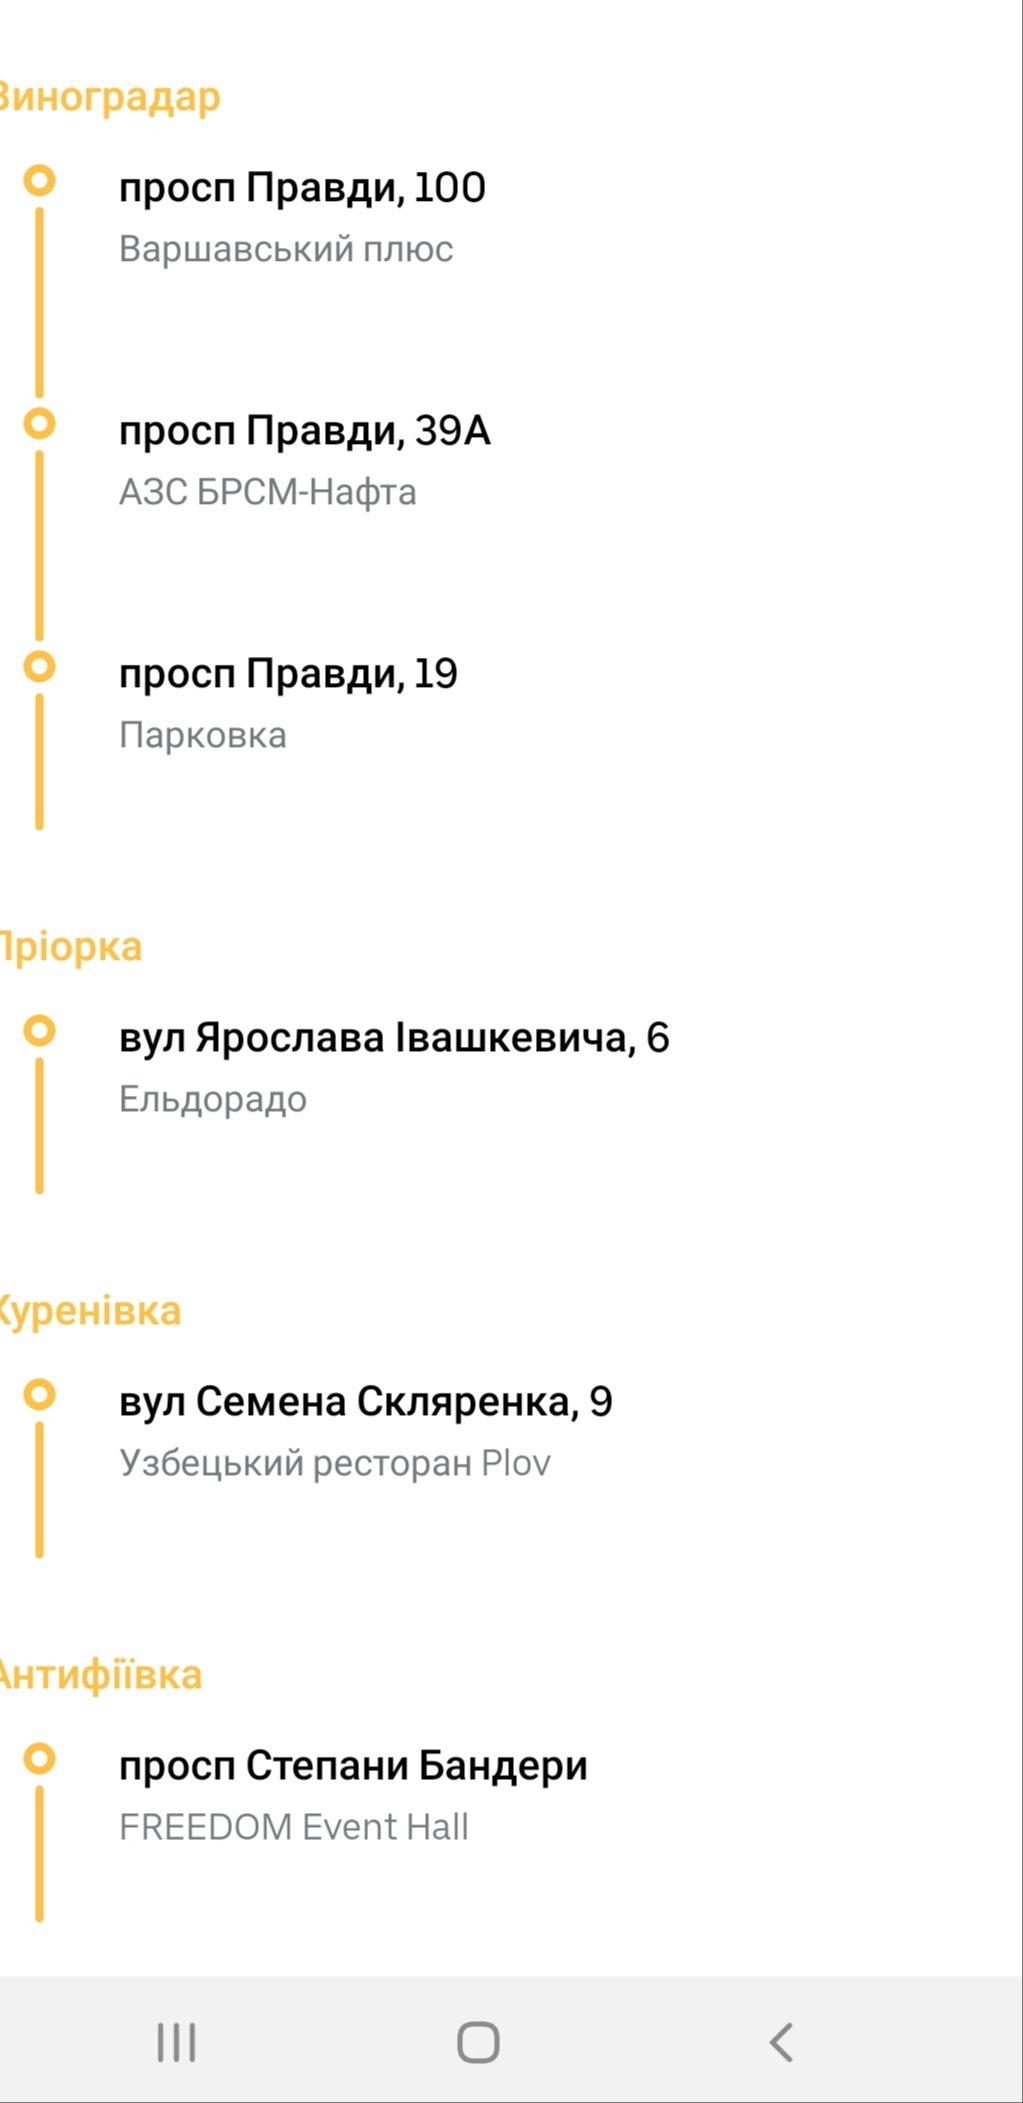 """Маршрутки Киева: где ездят, как работают и сколько стоит проезд в автобусах """"Uber Shuttle"""", фото-4"""